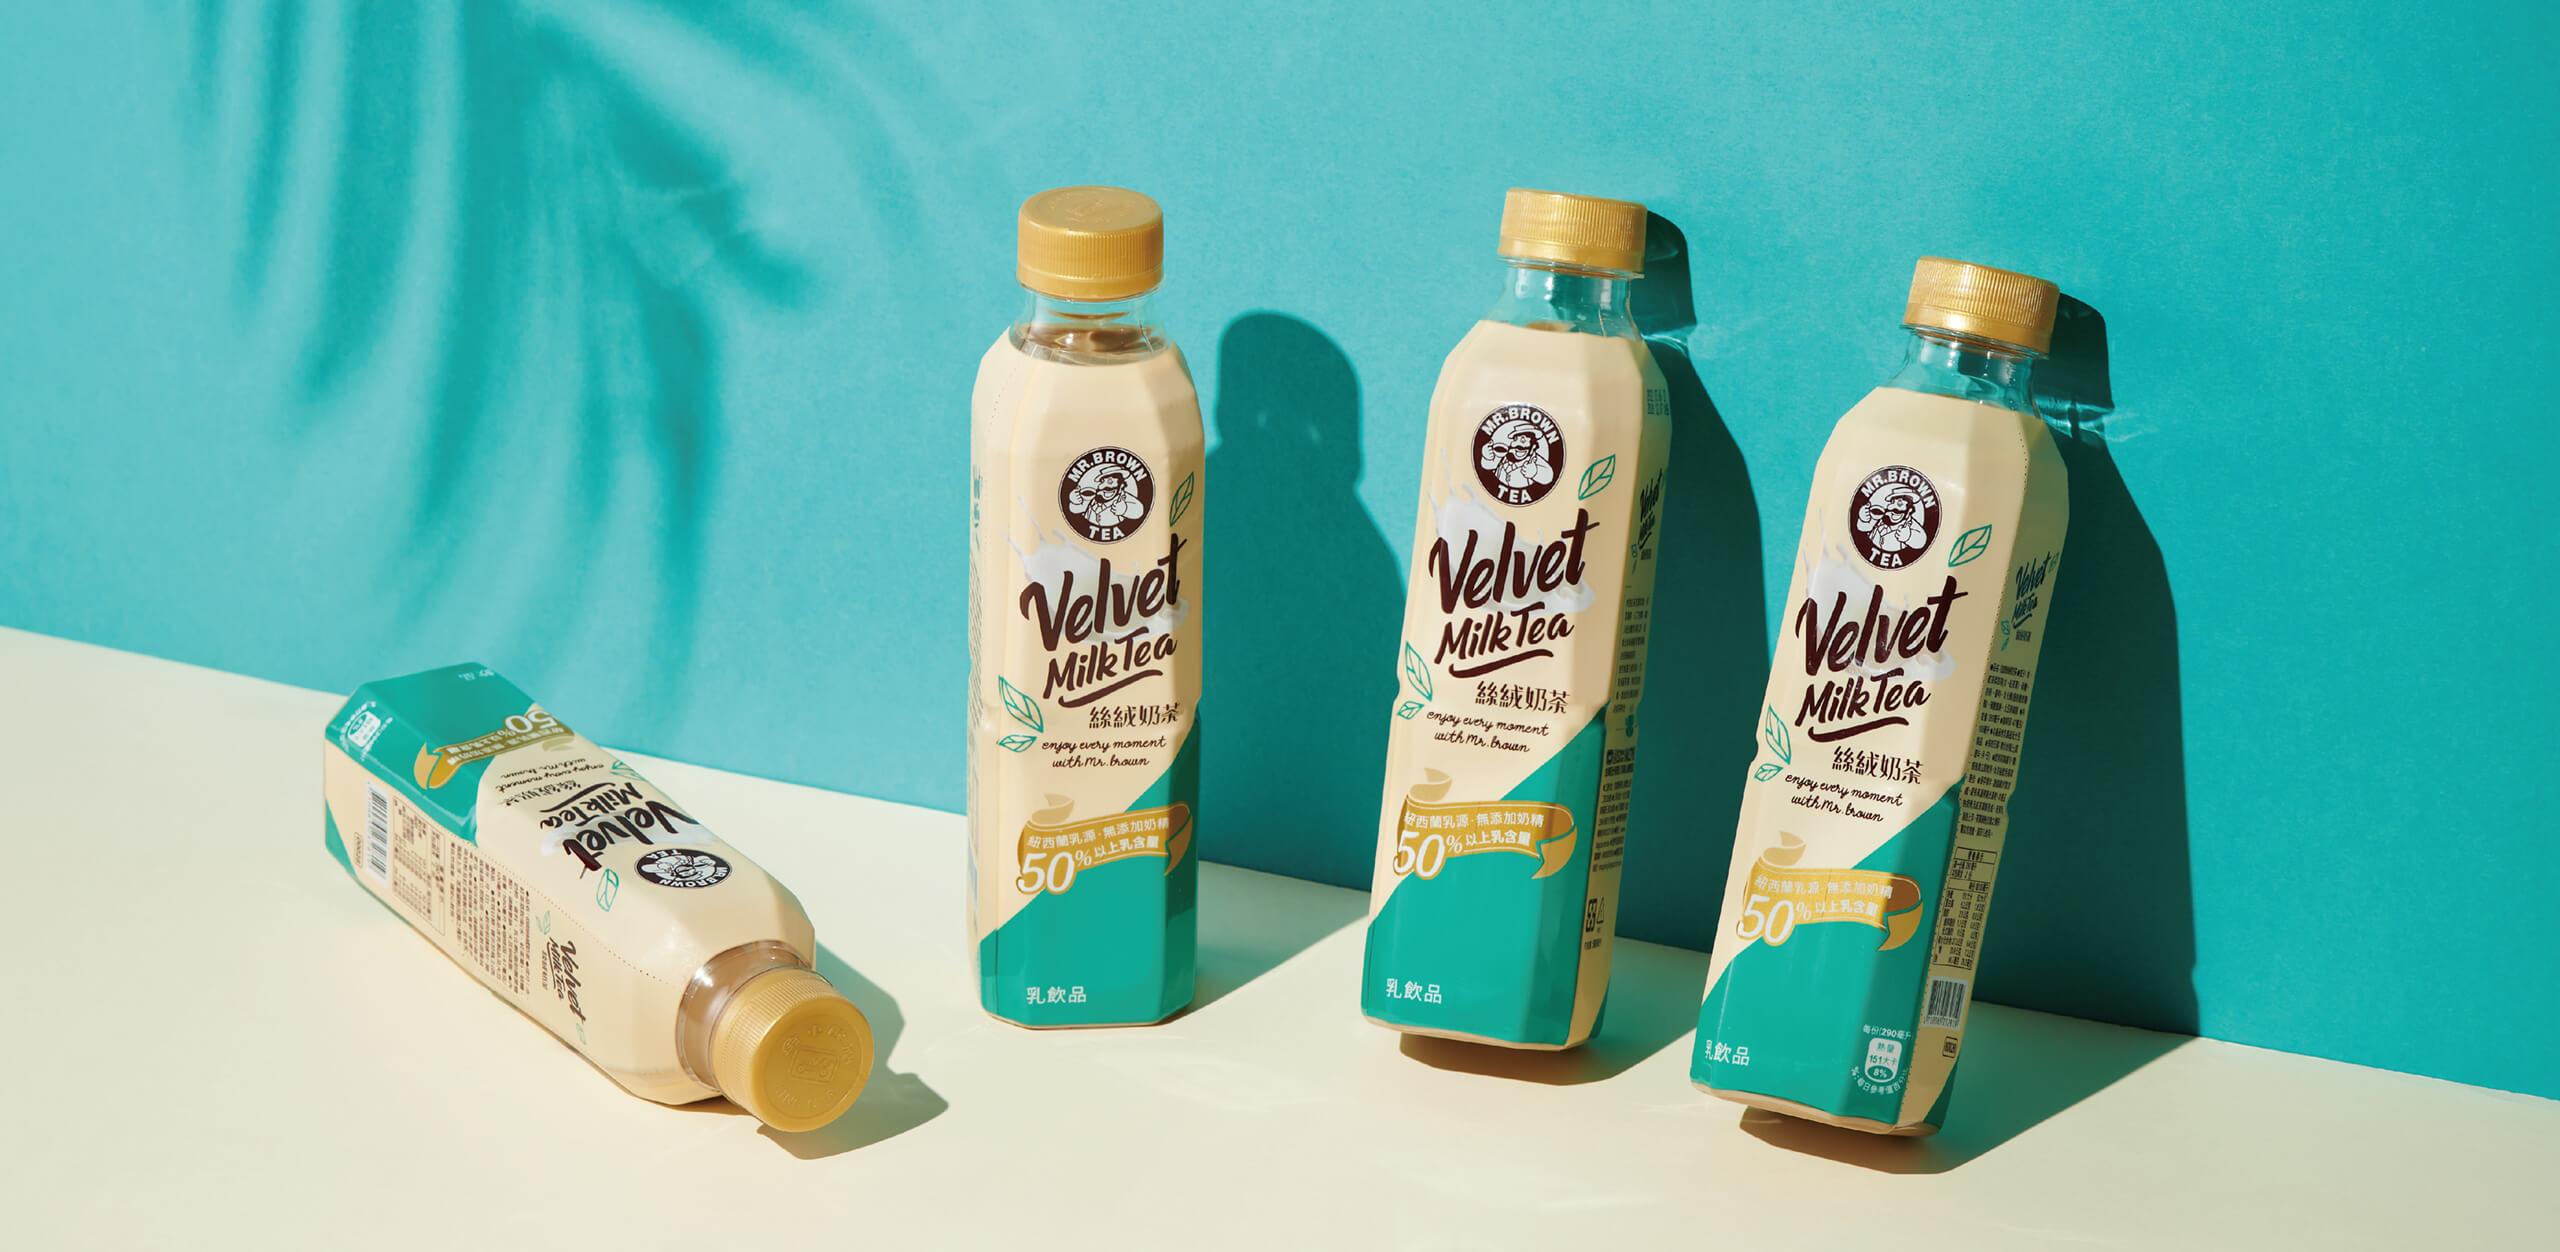 金車伯朗絲絨奶茶 瓶裝飲料包裝設計